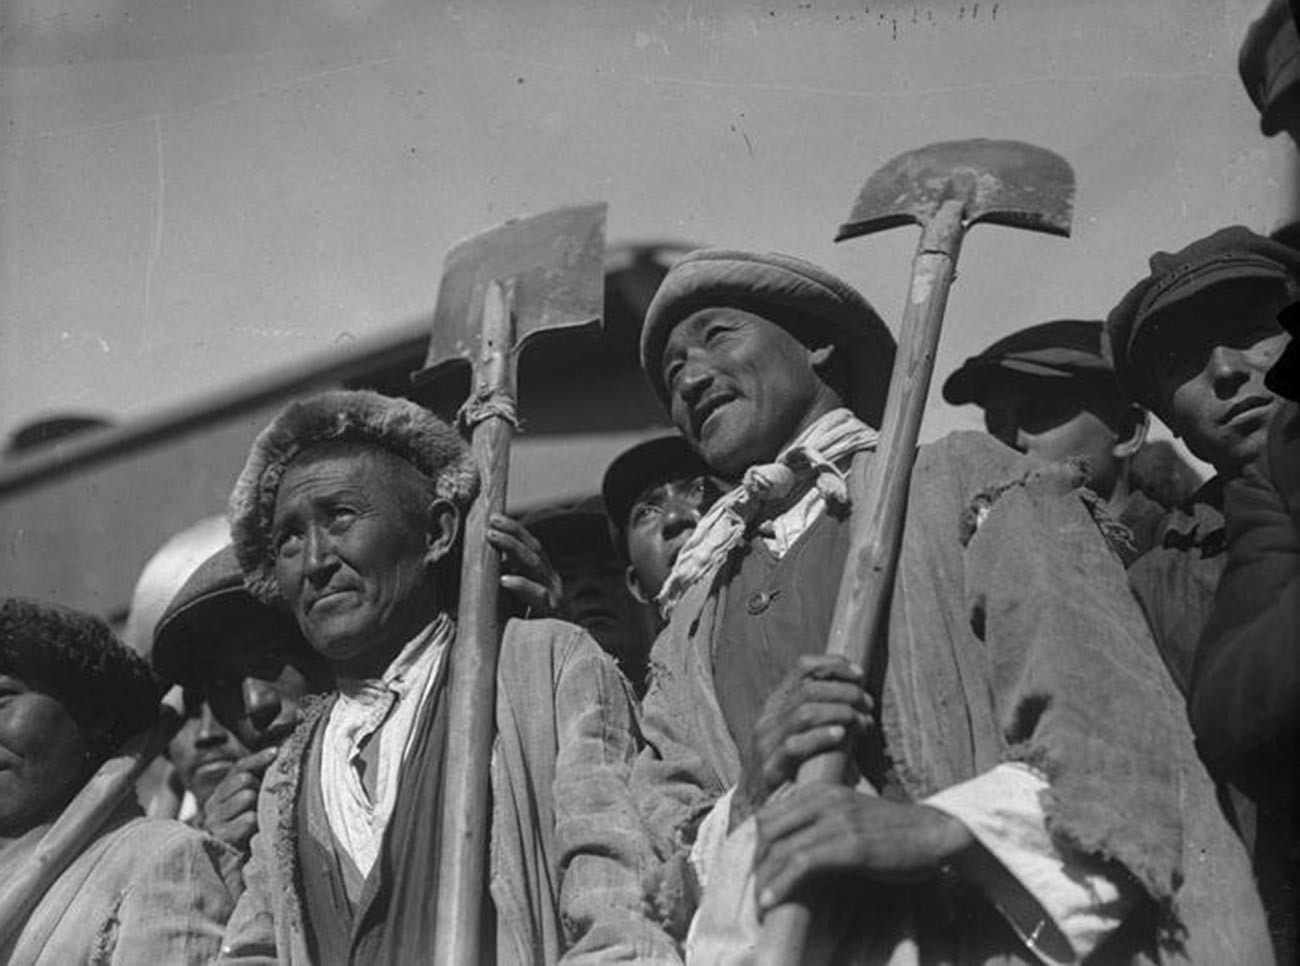 Казахи - строители ТУРКСИБа, одной из главных строек первой пятилетки сталинской индустриализации. Железная дорога связала Сибирь с Казахстаном и Киргизией, 1930.